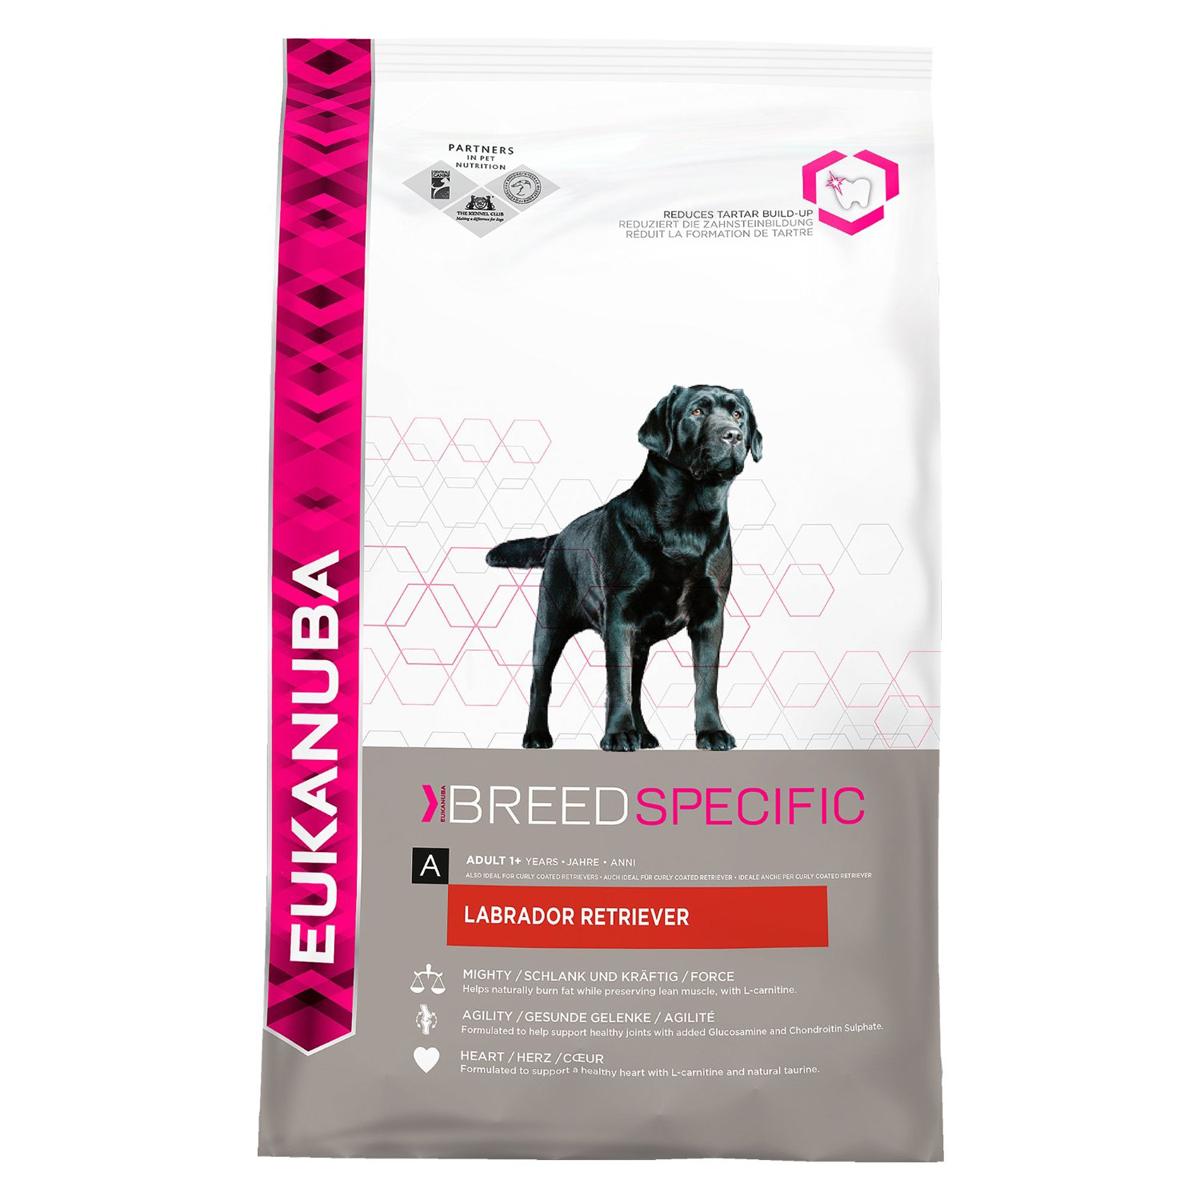 Корм сухой Eukanuba для взрослых собак породы лабрадор ретривер, 12 кг81077791Полноценный сбалансированный корм, специально разработанный для взрослых собак породы лабрадор-ретривер, а также подходящий для кормления собак пород курчавошерстного и чесалик бэй ретриверов. Не содержит искусственных красителей и ароматизаторов. Содержит разрешенные ЕС антиоксиданты (токоферолы). Состав: сублимированное мясо курицы и индейки (23%, натуральный источник таурина), кукуруза, пшеница, сорго, ячмень, животный жир, сухая пульпа сахарной свеклы 2,8%, гидролизат белков животного происхождения, сухое цельное яйцо, хлорид калия, рыбий жир, карбонат кальция, хлорид натрия, гексаметафосфат натрия, фруктоолигосахариды 0,28%, льняное семя, глюкозамин 432 мг/кг, хондроитина сульфат 43 мг/кг. Добавки: витамин A 45551 МЕ/кг, витамин D3 1512 МЕ/кг, витамин E 253 мг/кг, L-карнитин 48,1 мг/кг, бета-каротин 5,0 мг/кг. Микроэлементы: базовый карбонат кобальта моногидрат 0,59 мг/кг, пентагидрат сульфат меди 56 мг/кг, йодид калия 4,0 мг/кг, моногидрат...